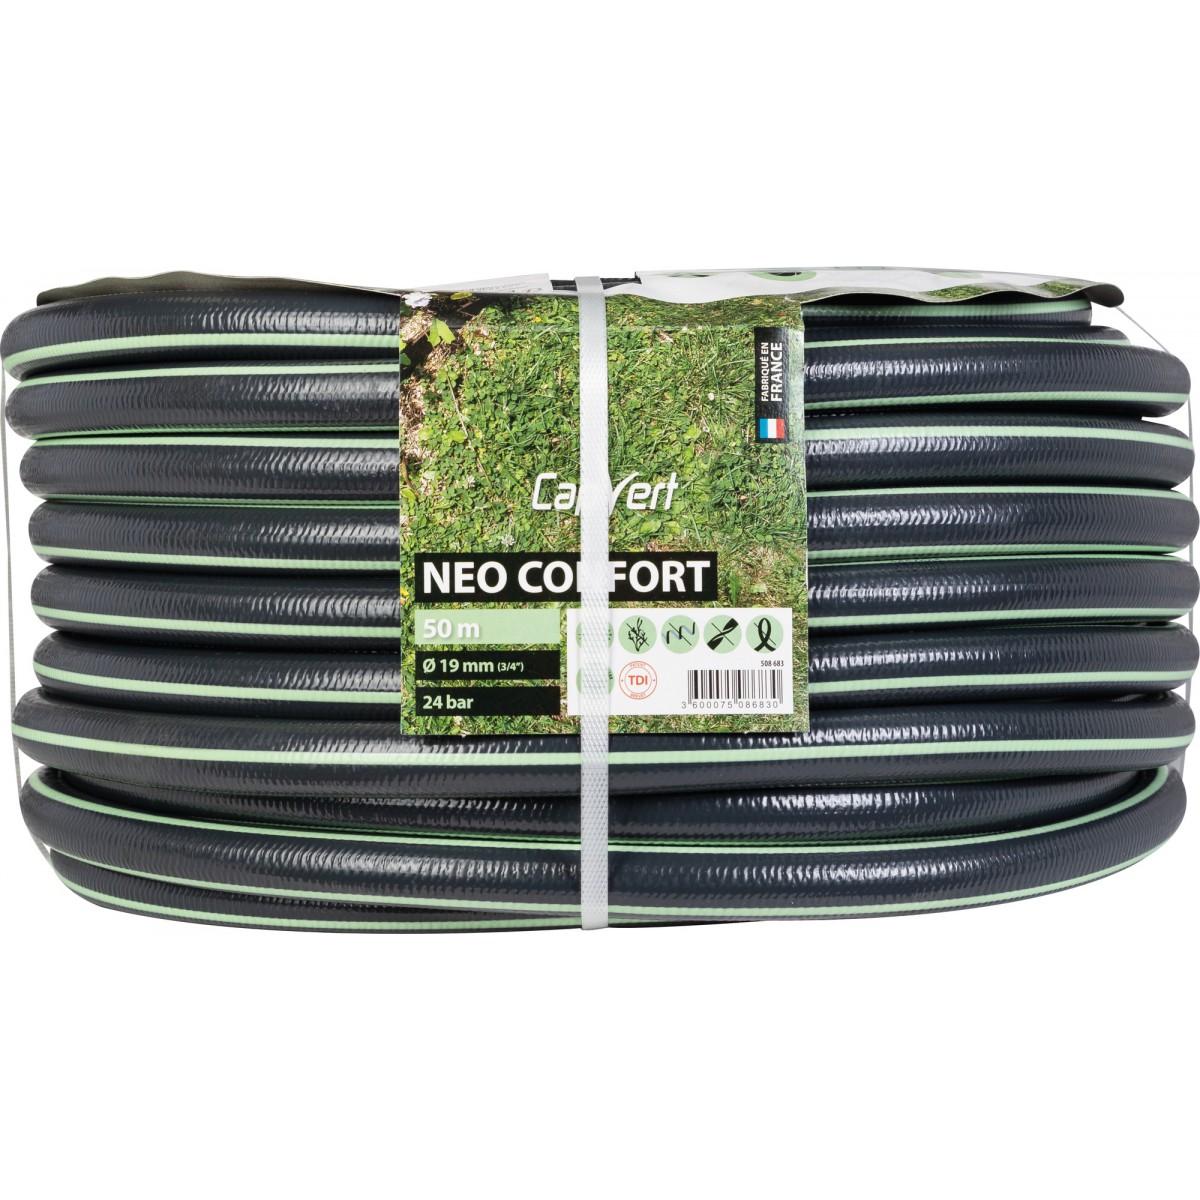 Tuyau d'arrosage Néo Confort Cap Vert - Diamètre 19 mm - Longueur 50 m